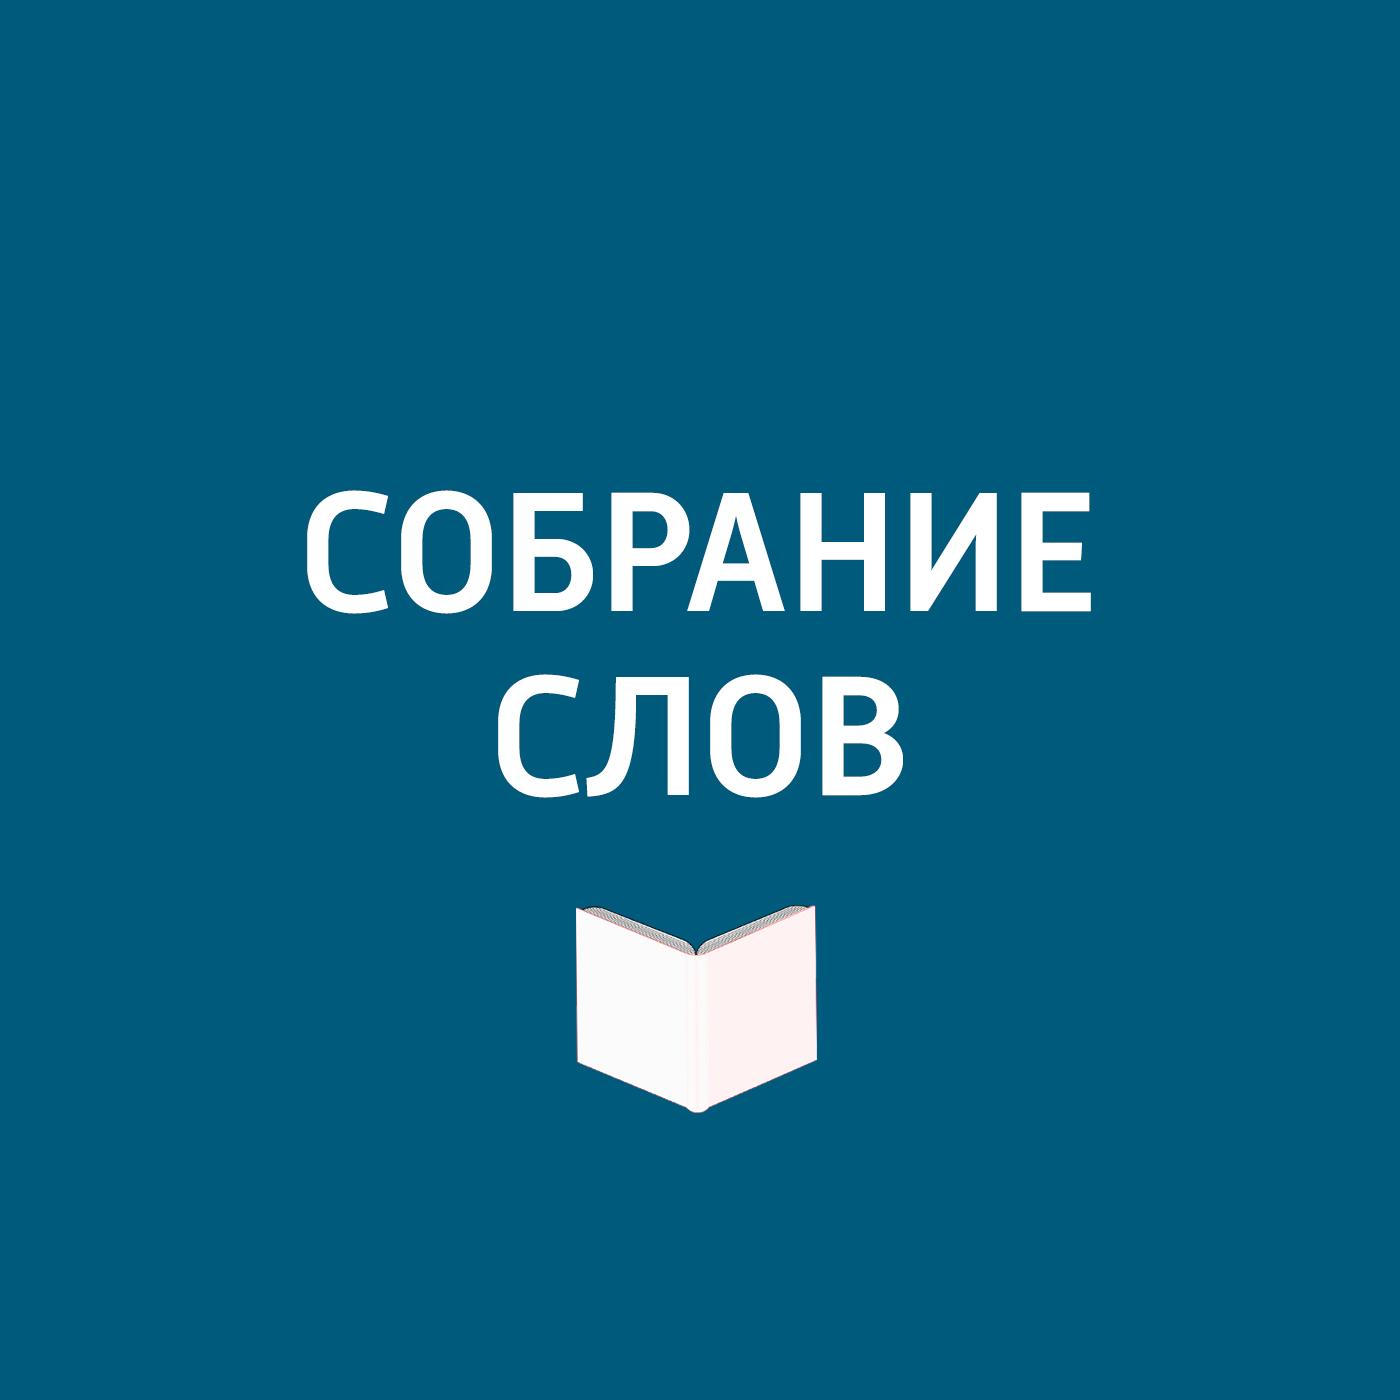 Творческий коллектив программы «Собрание слов» Большое интервью Евгения Стычкина вера чаплина ная выдренок